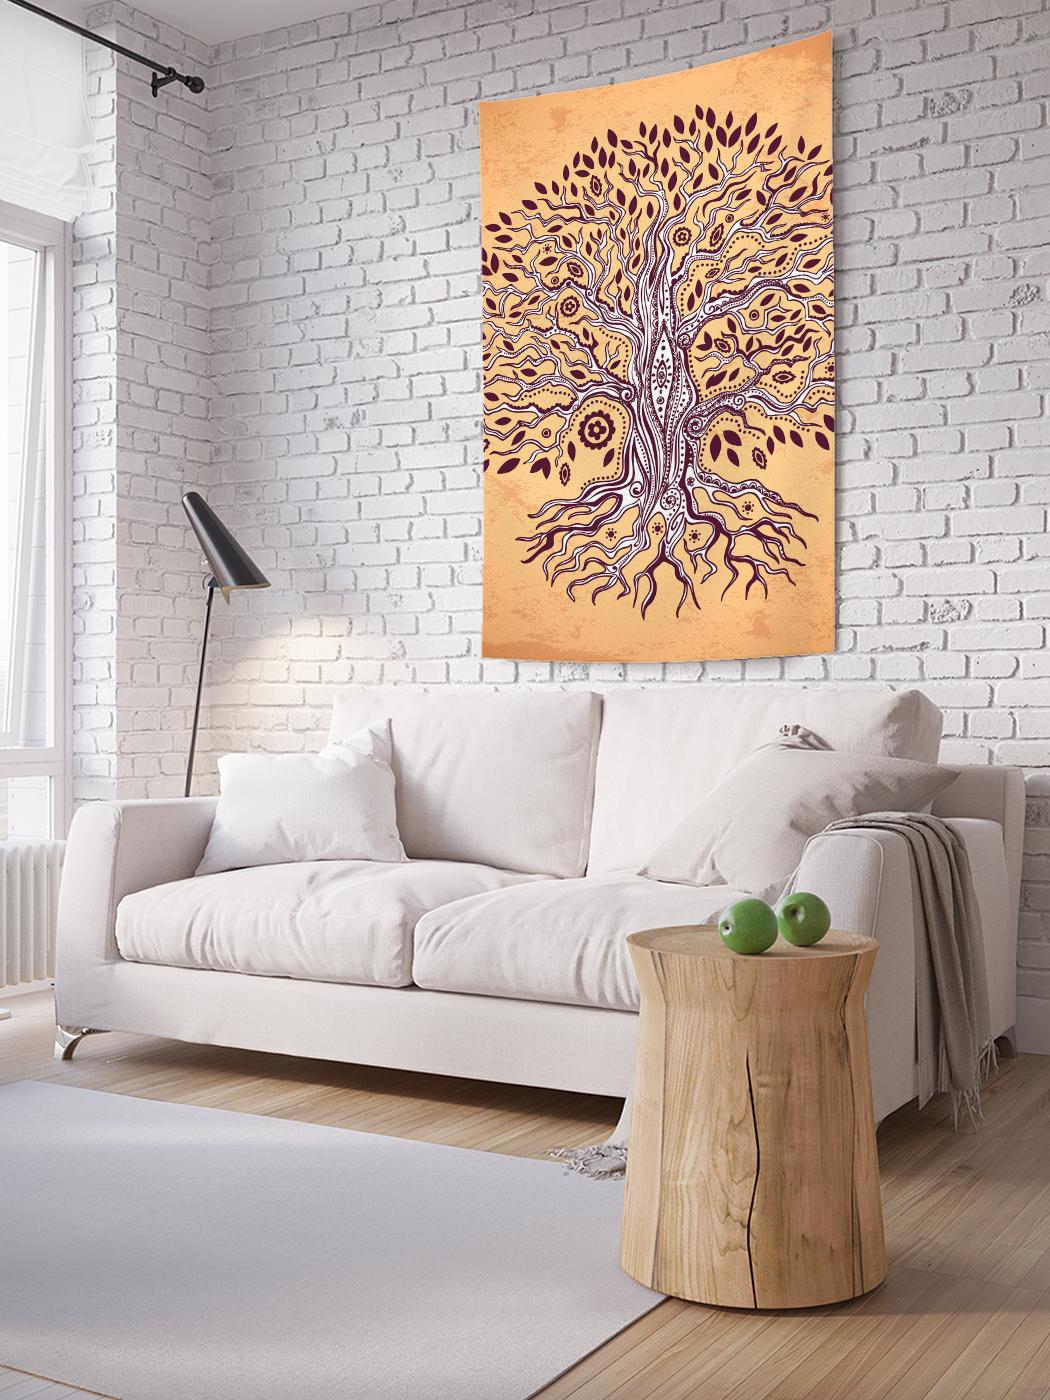 Постер дерево на стену